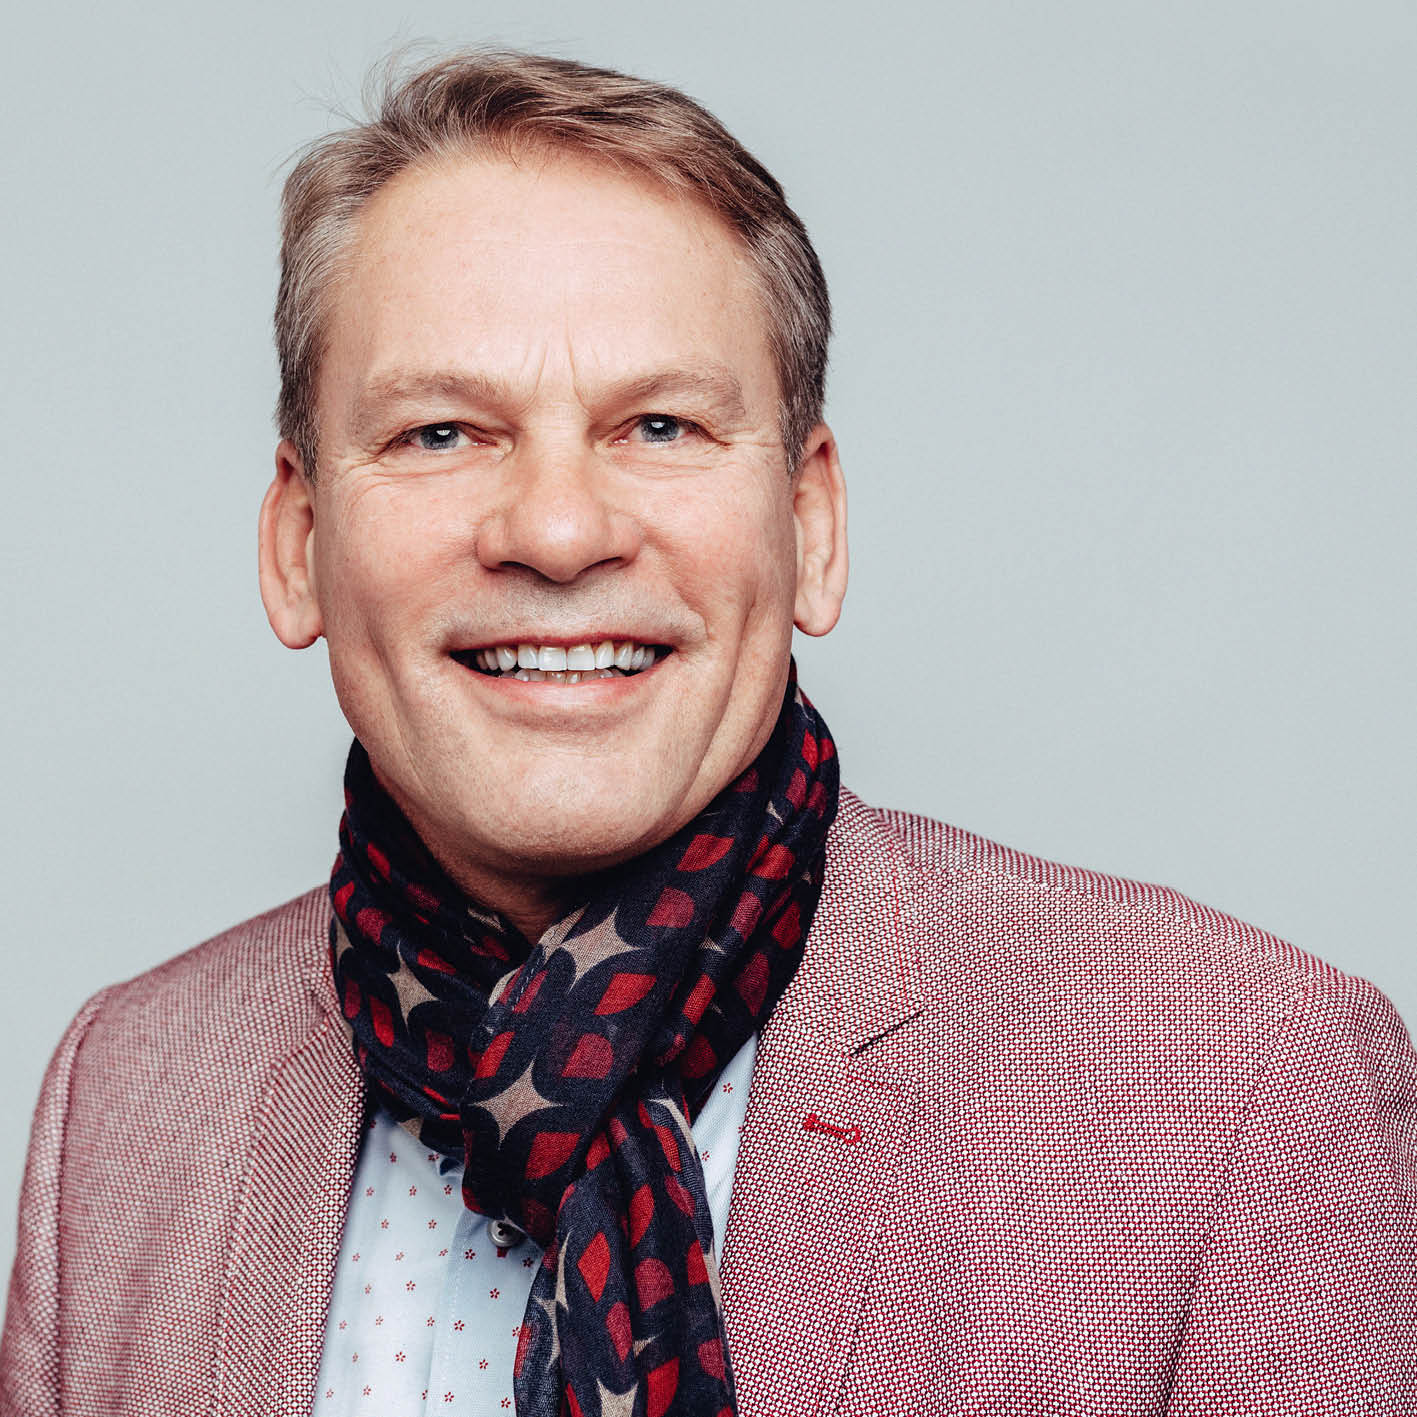 Die Kreistagsfraktion der CDU Odenwald hat sich konstituiert. Buschmann bleibt Vorsitzender.